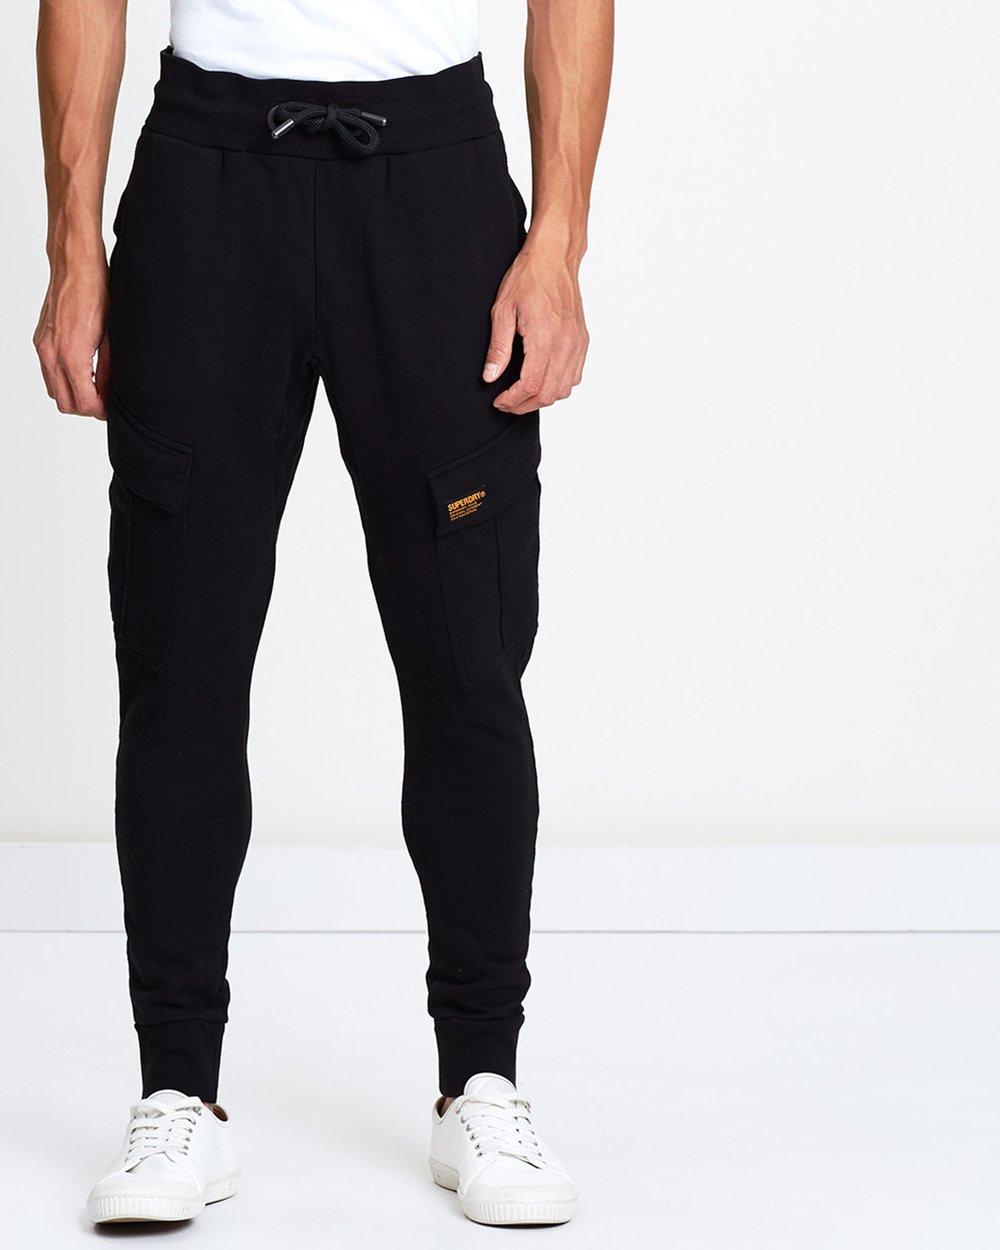 Men's Clothing 30 100% Quality Superdry Black Jog Jeans